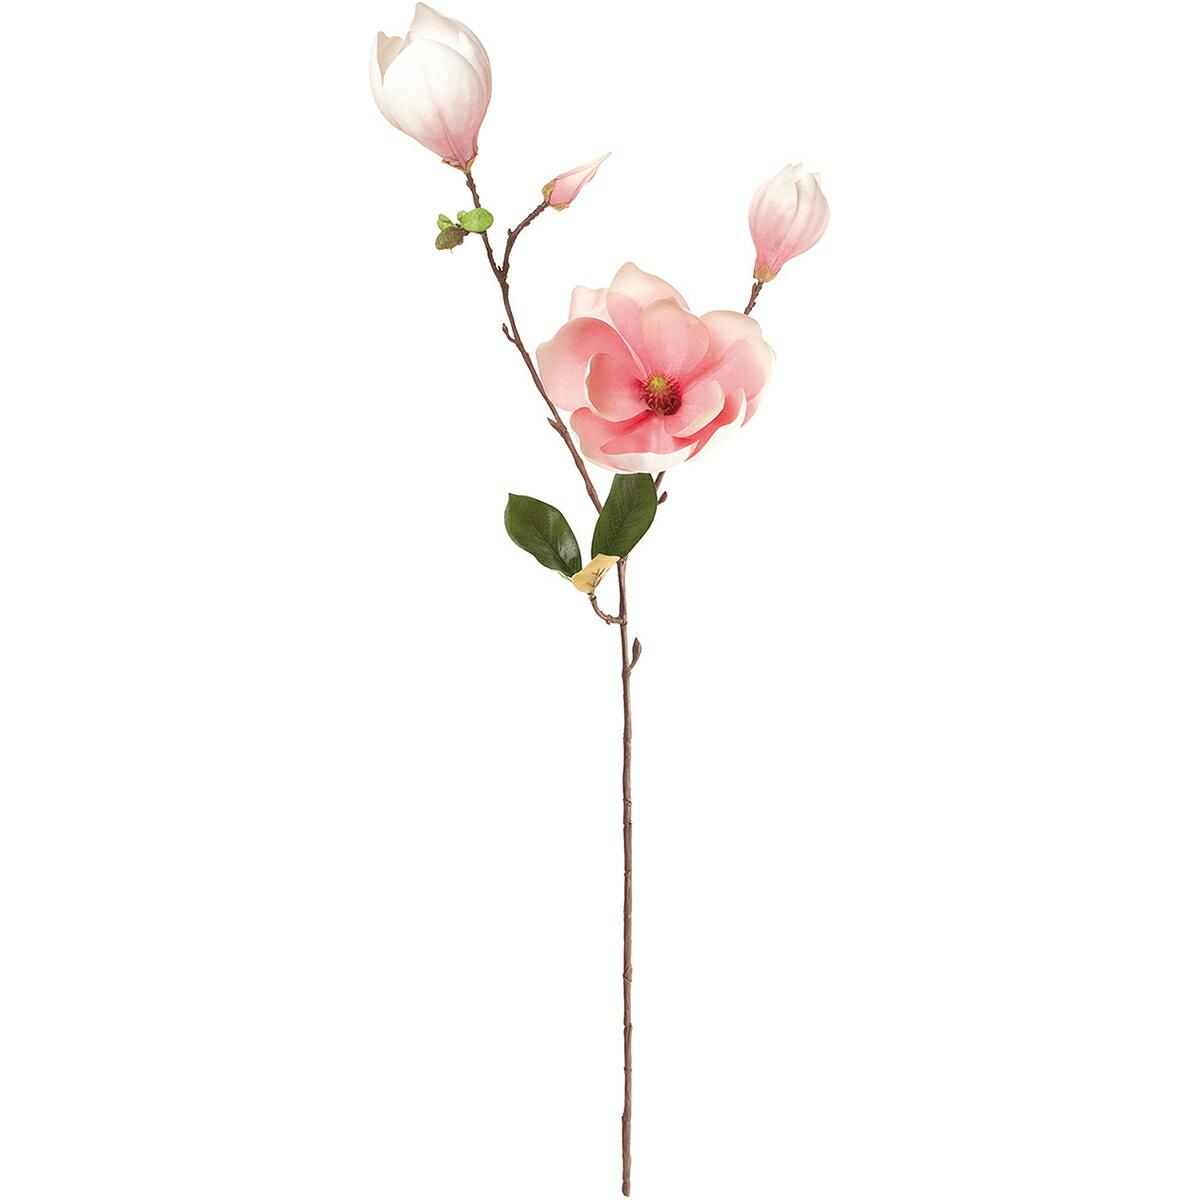 【造花】MAGIQ(東京堂)/ソレイユマグノリア #2 ピンク/FM002023-002【01】【取寄】《 造花(アーティフィシャルフラワー) 造花 花材「ま行」 モクレン(木蓮)・マグノリア 》